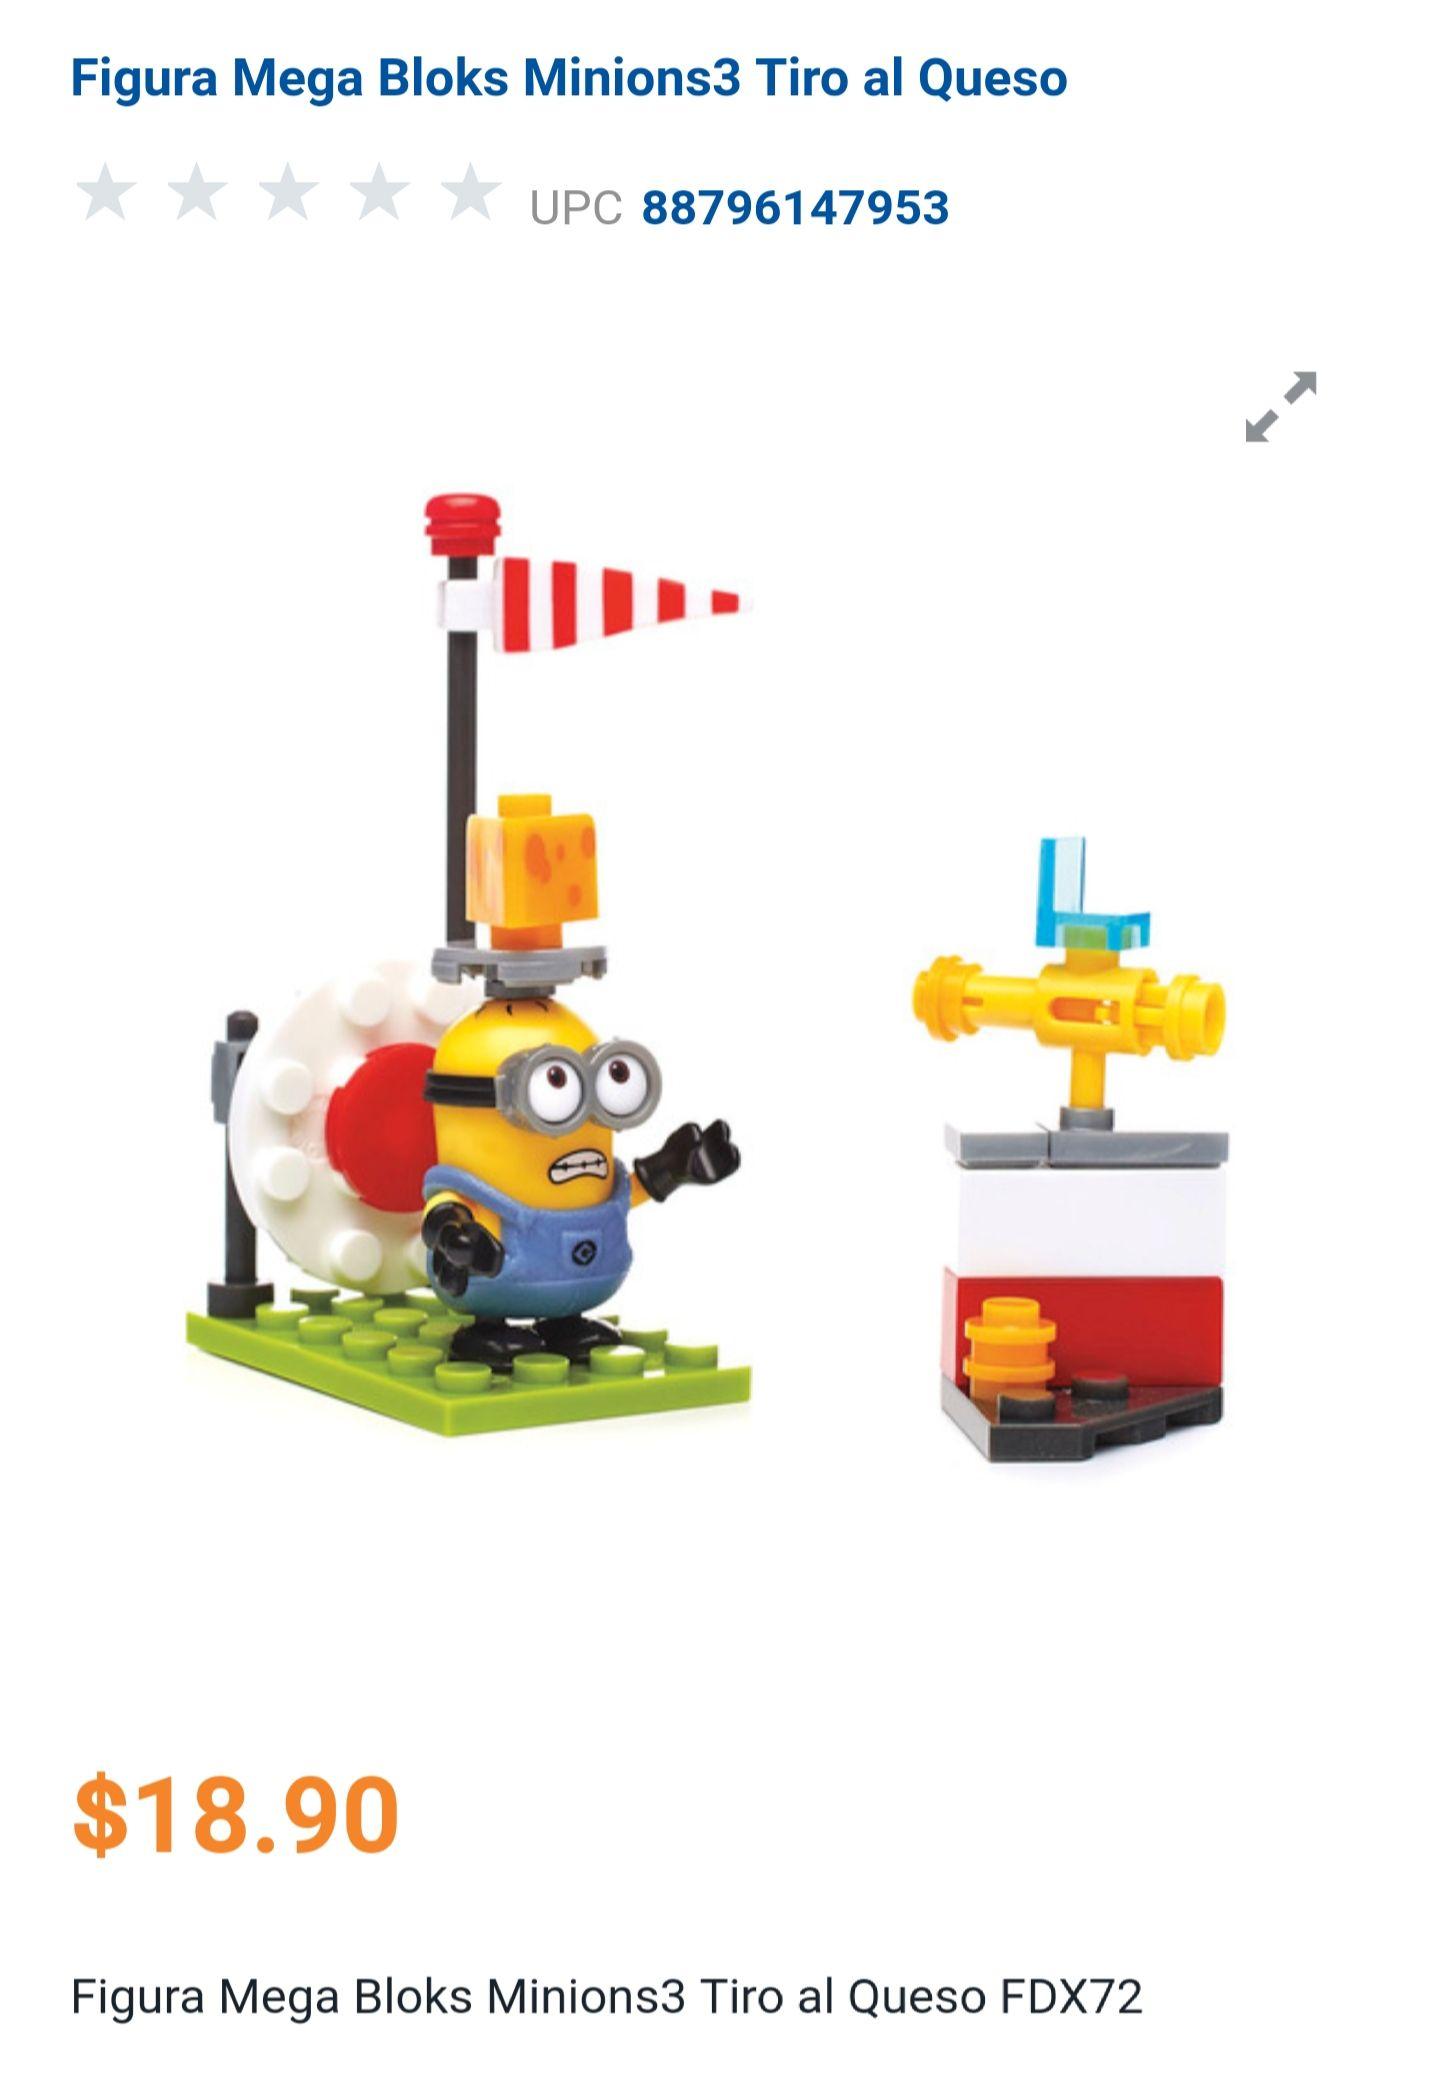 Chedraui: Figura Mega Bloks Minions3 Tiro al Queso